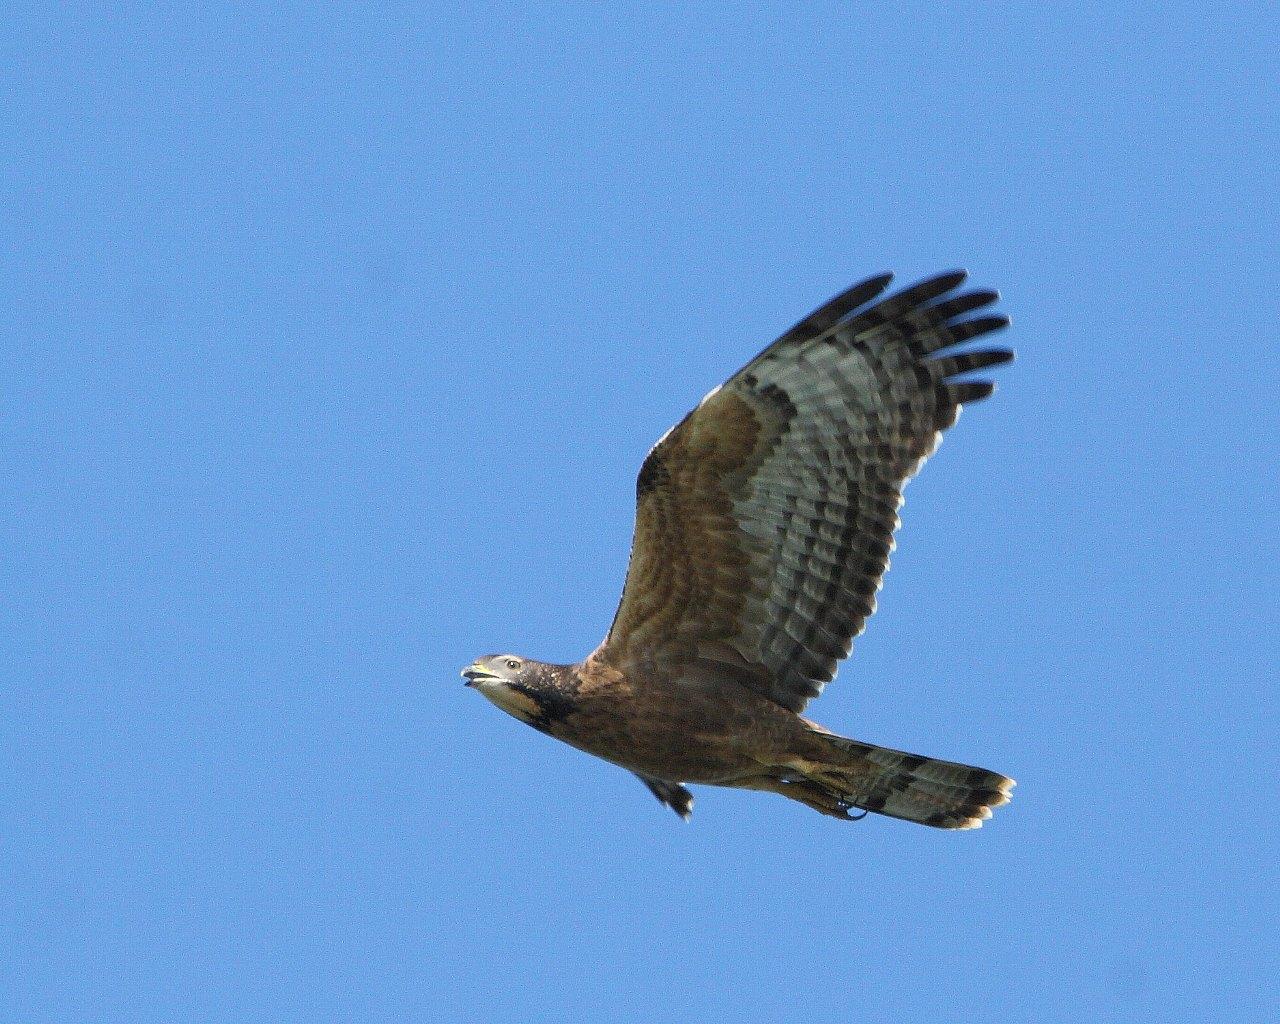 鷹の渡りの季節_f0105570_21304877.jpg